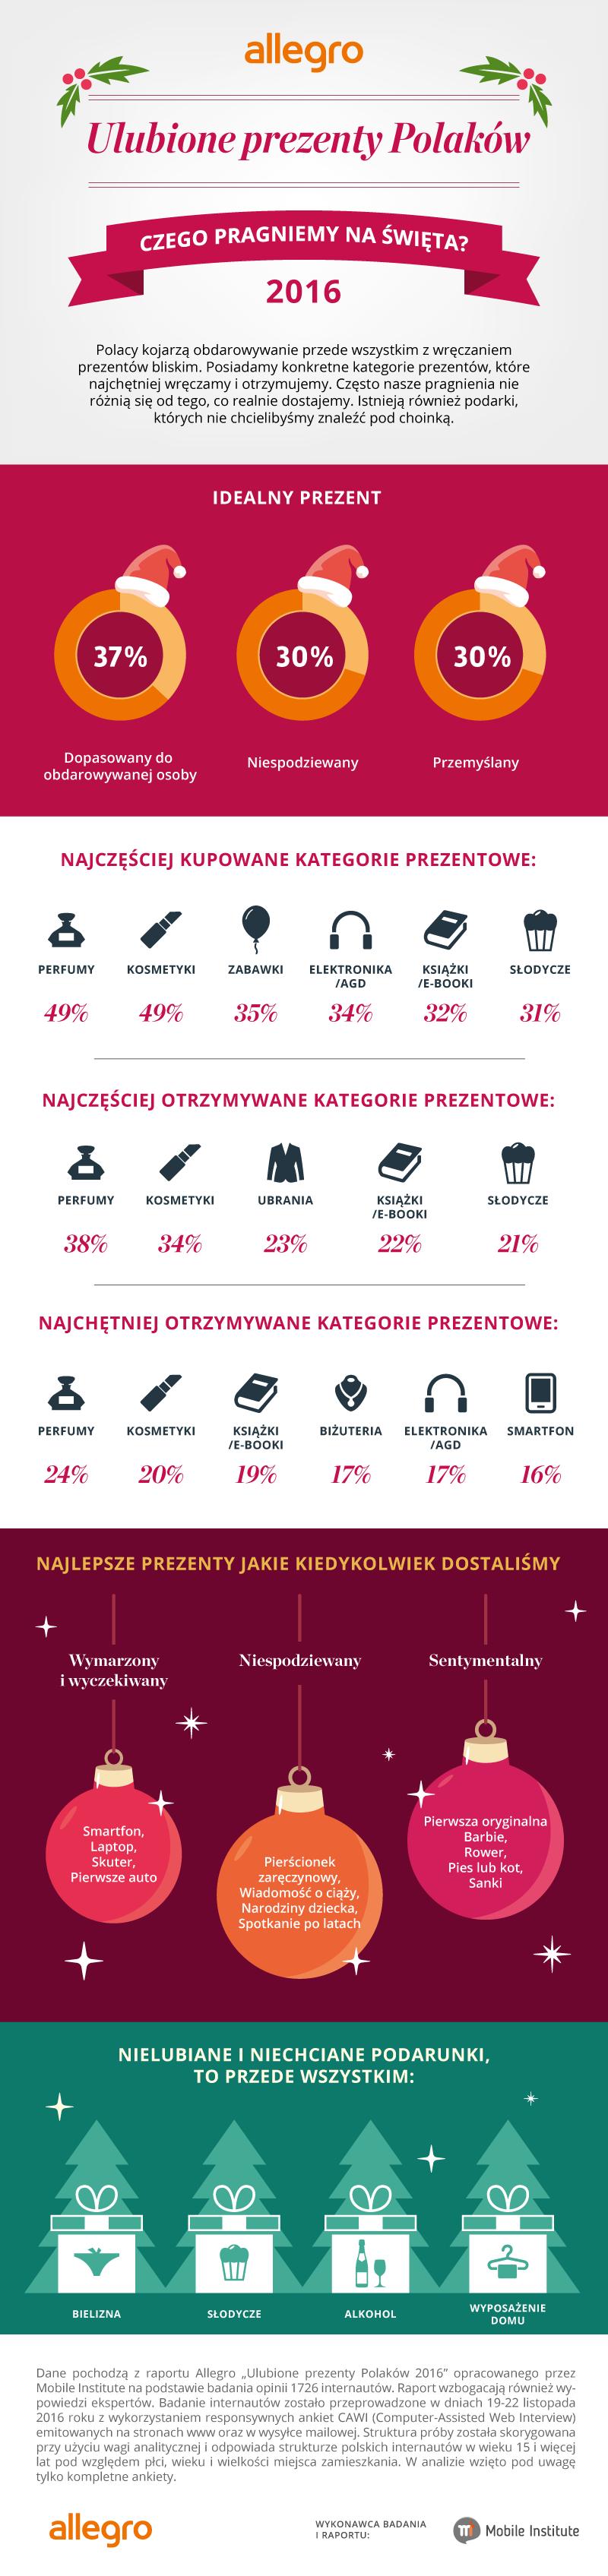 infografika_ulubioneprezentypolakow2016